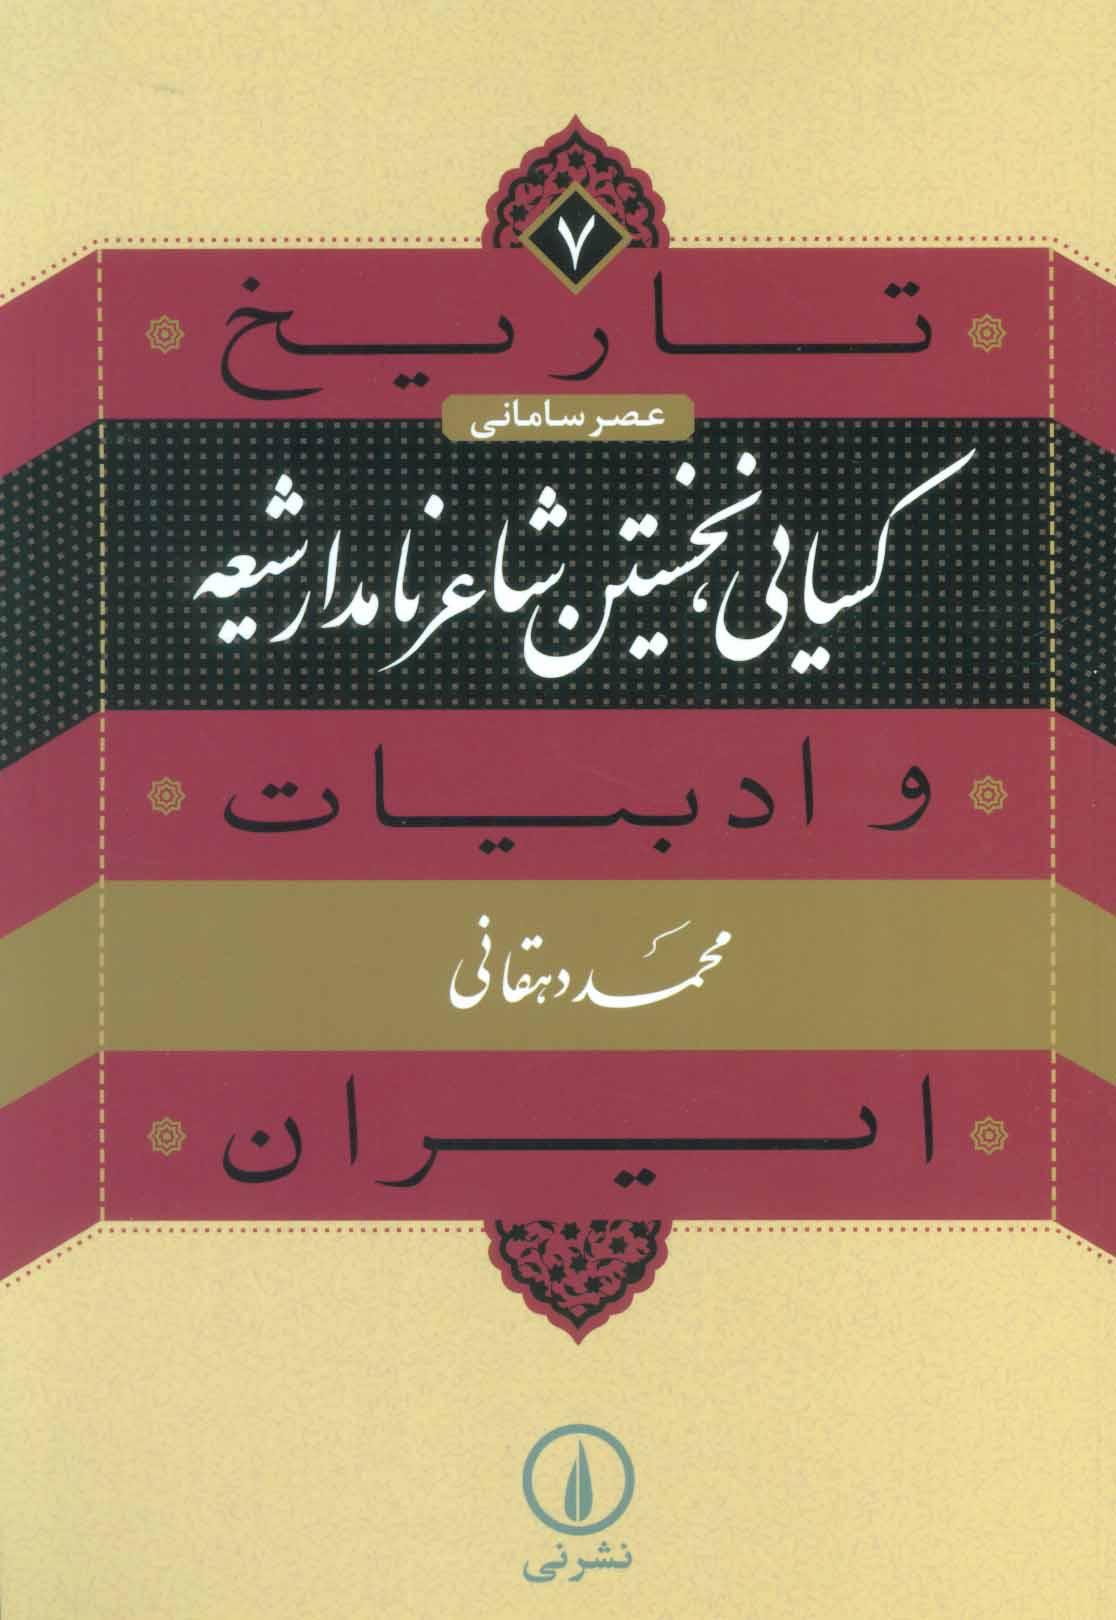 تاریخ و ادبیات ایران 7 (عصر سامانی:کسایی،نخستین شاعر نامدار شیعه)